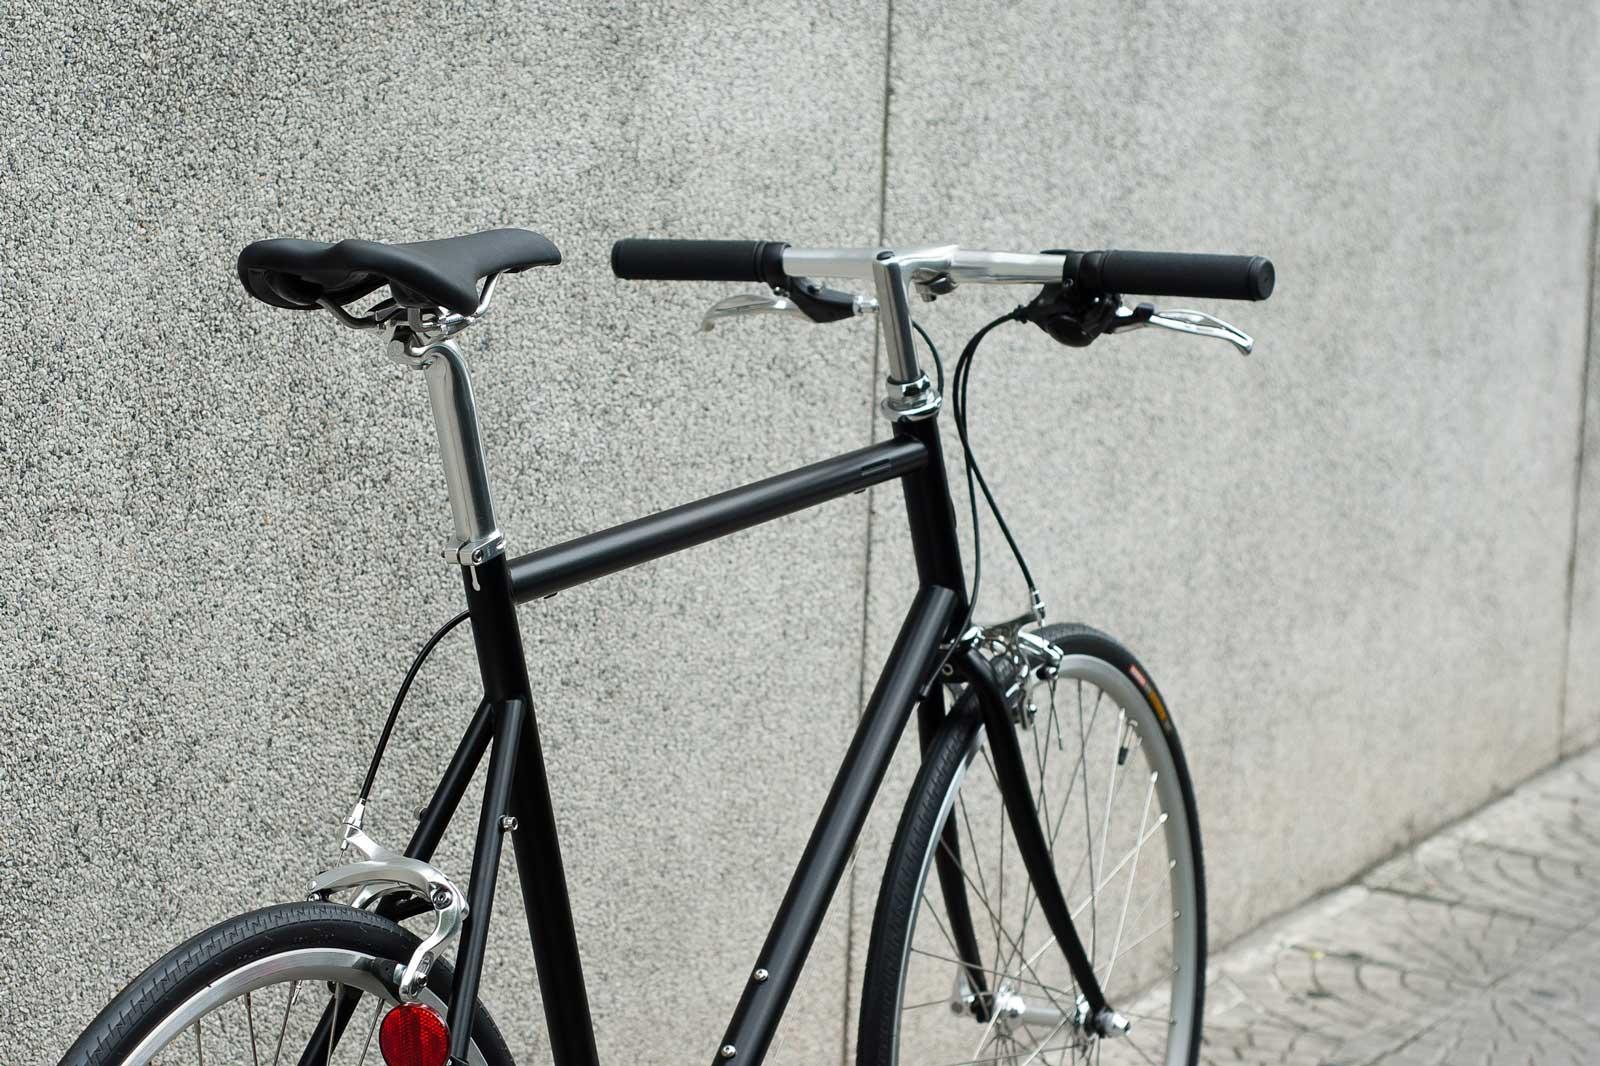 จักรยาน tokyobike tokyobike cs sport matt black limited สีพิเศษ ลิมิตเต็ด จำนวนจำกัด